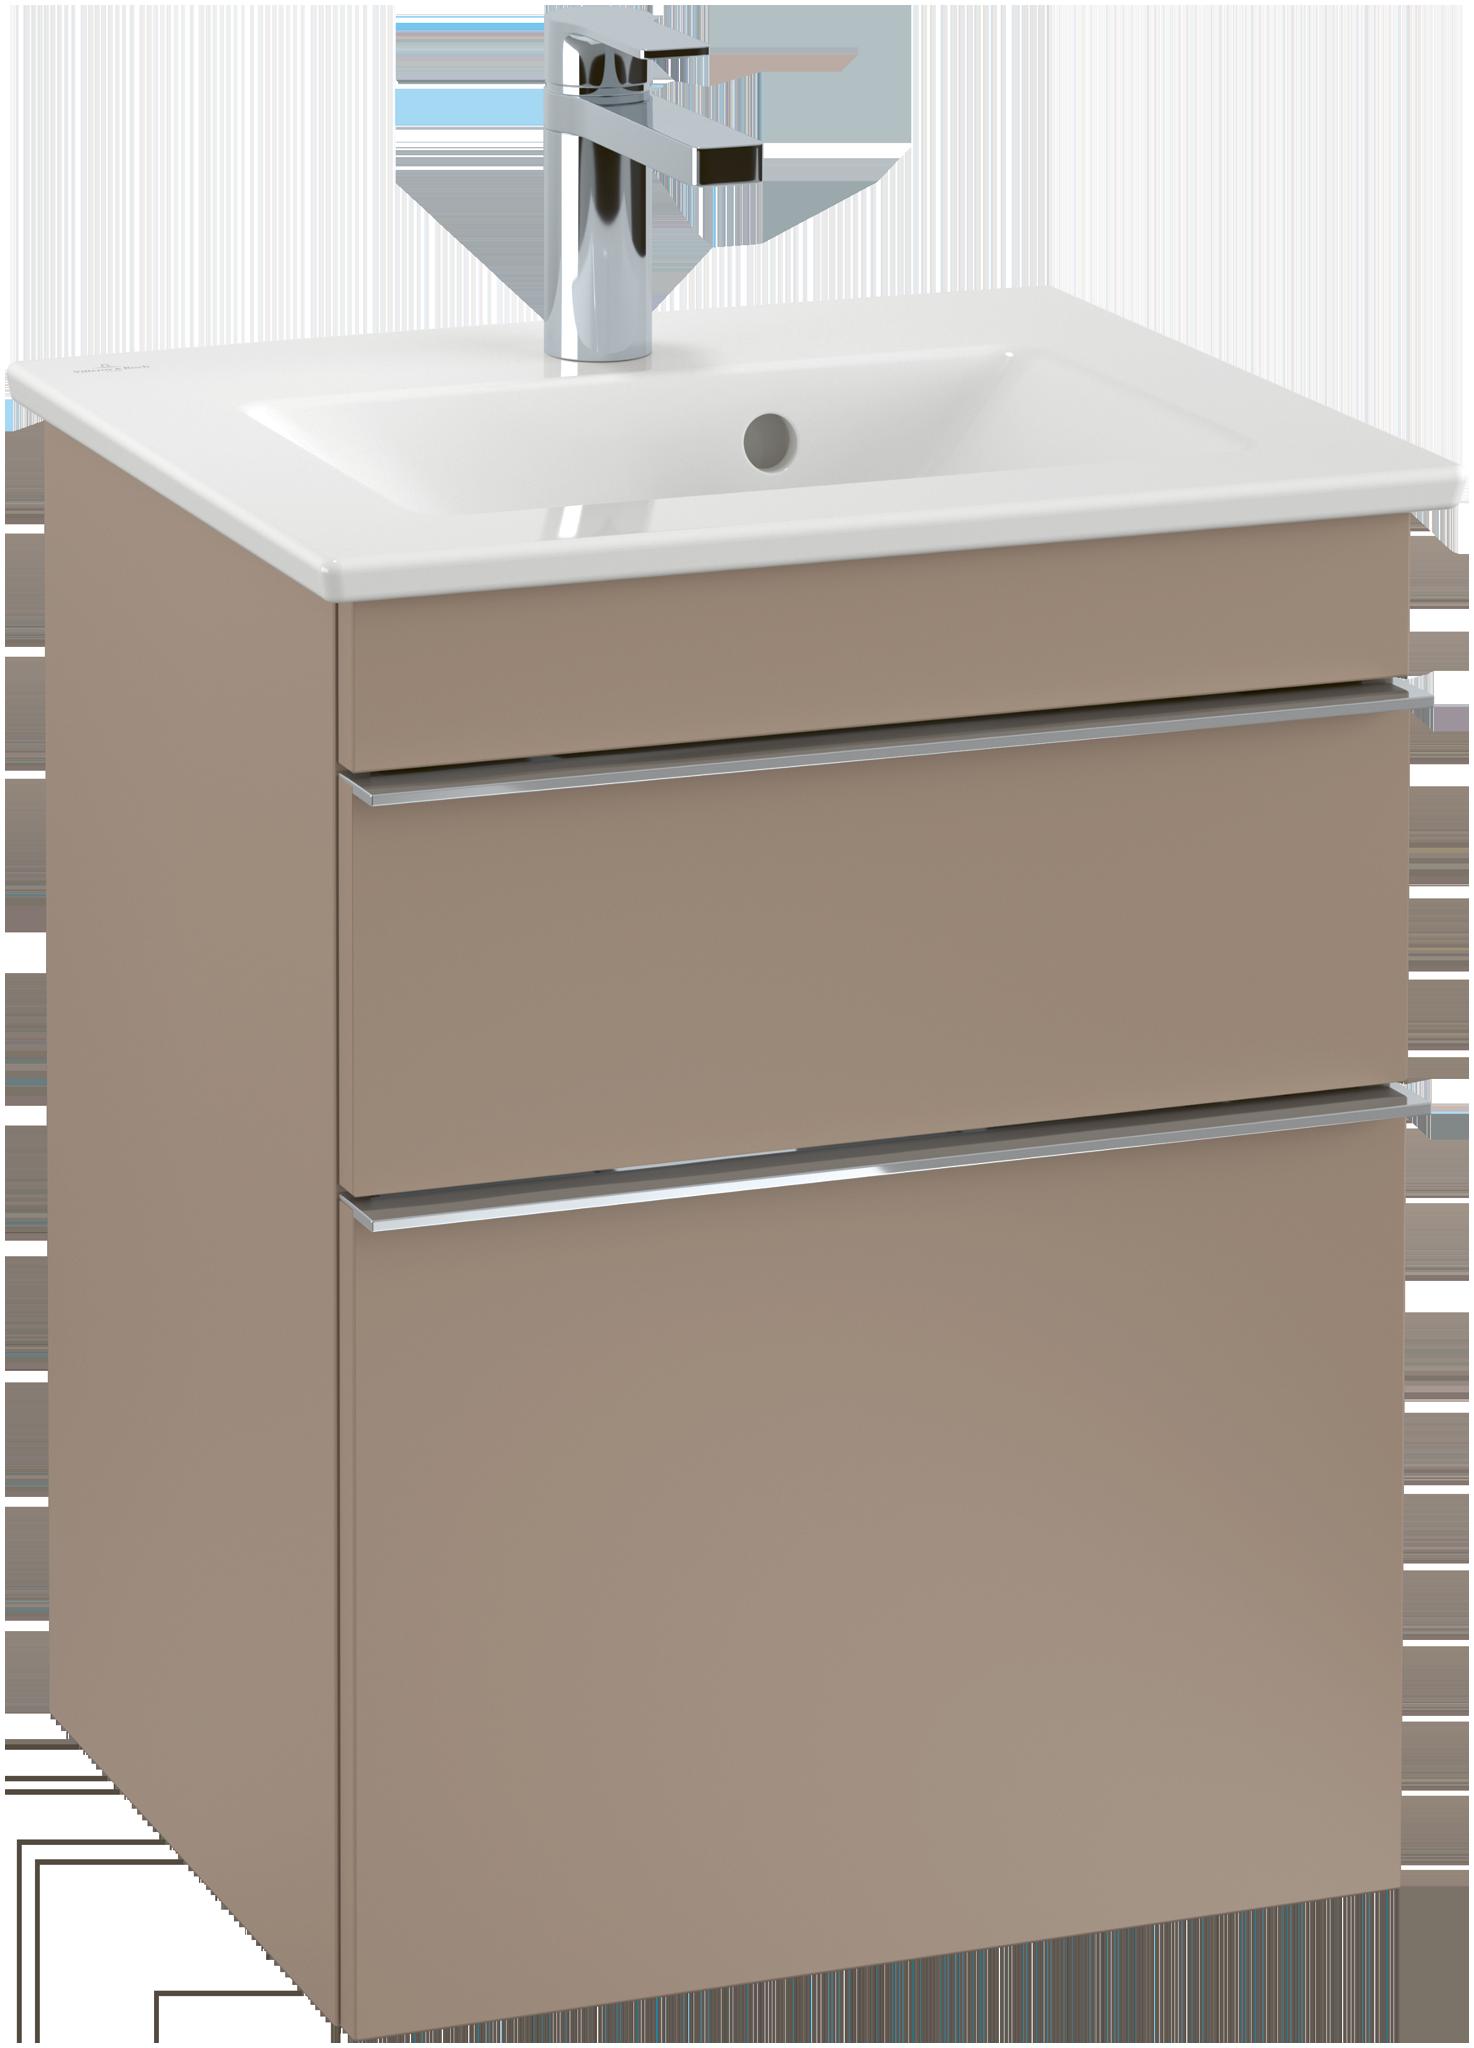 Venticello vanity unit a92202 villeroy boch for Villeroy and boch bathroom vanity units